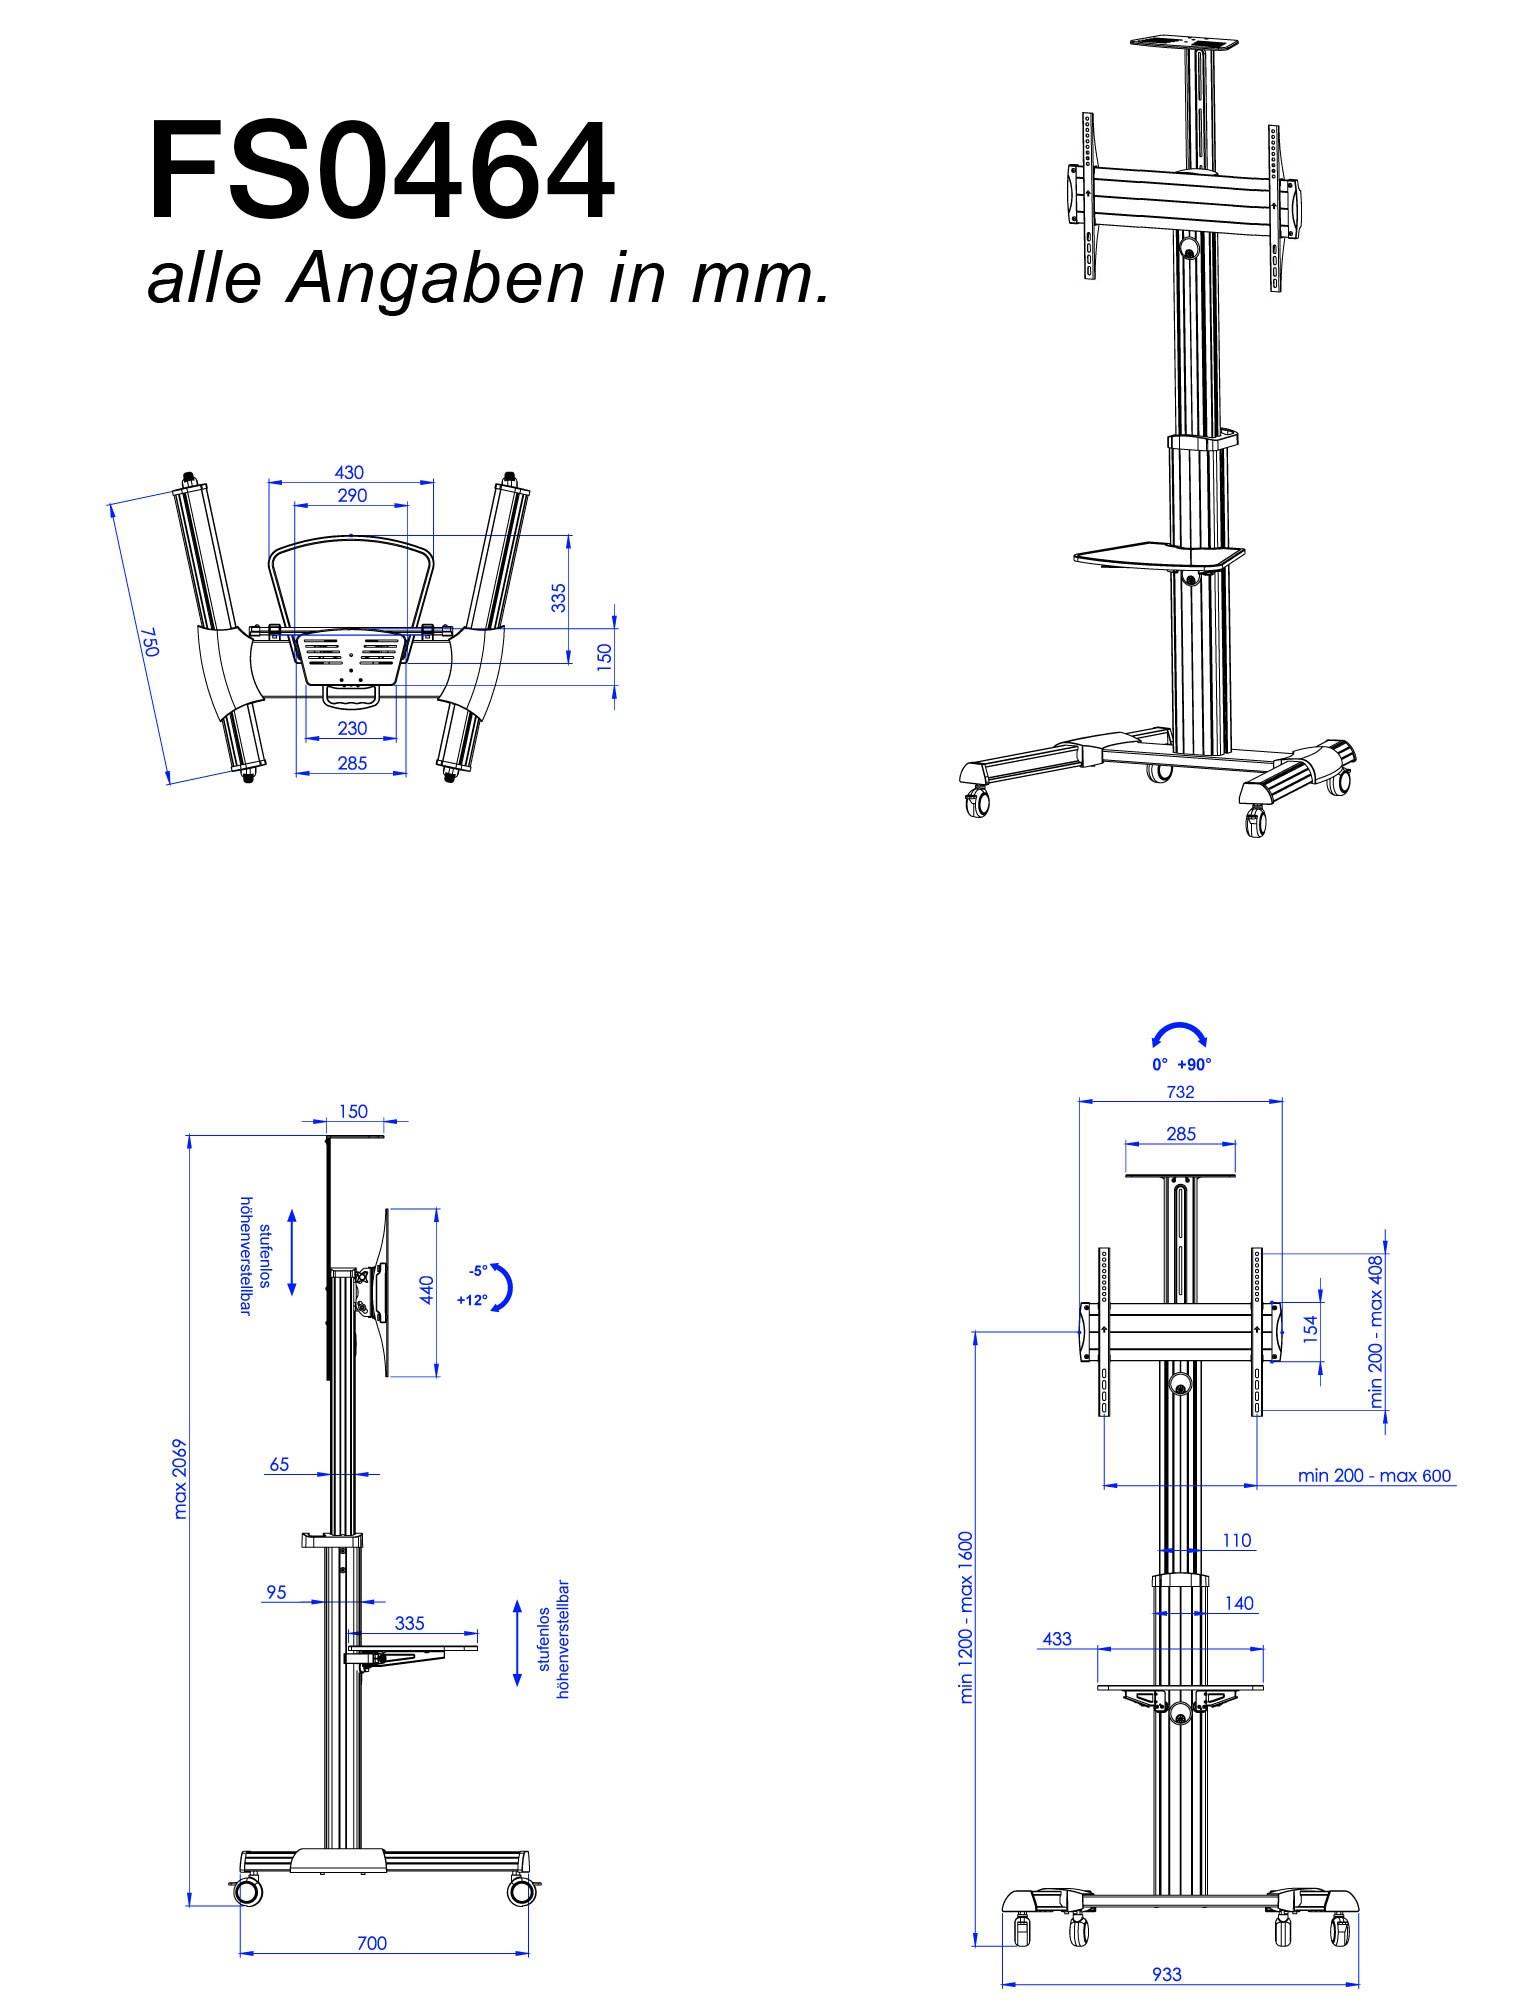 standfuss neigbar schwenkbar tv st nder drehbar mit rollen h henverstellbar fs0464 11288. Black Bedroom Furniture Sets. Home Design Ideas